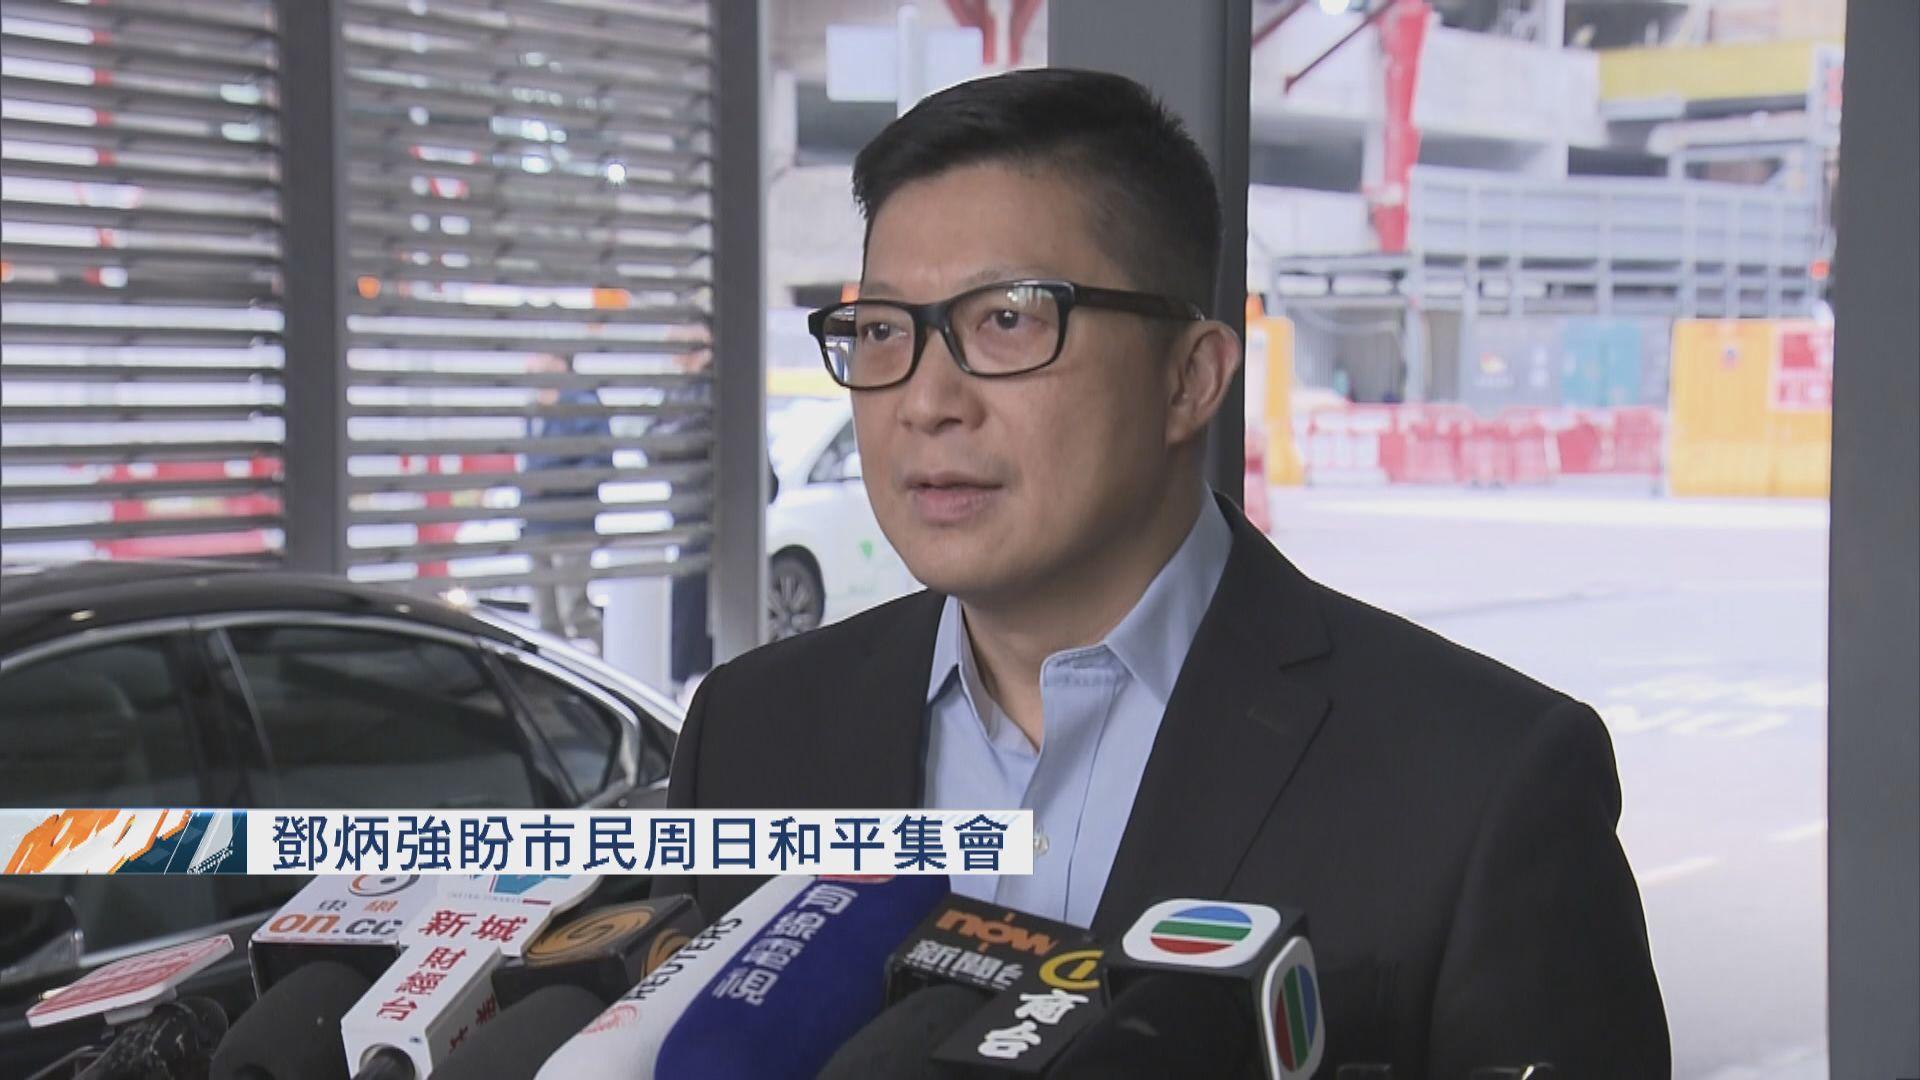 【周日遊行】鄧炳強:主辦單位若見暴力要拿出勇氣譴責